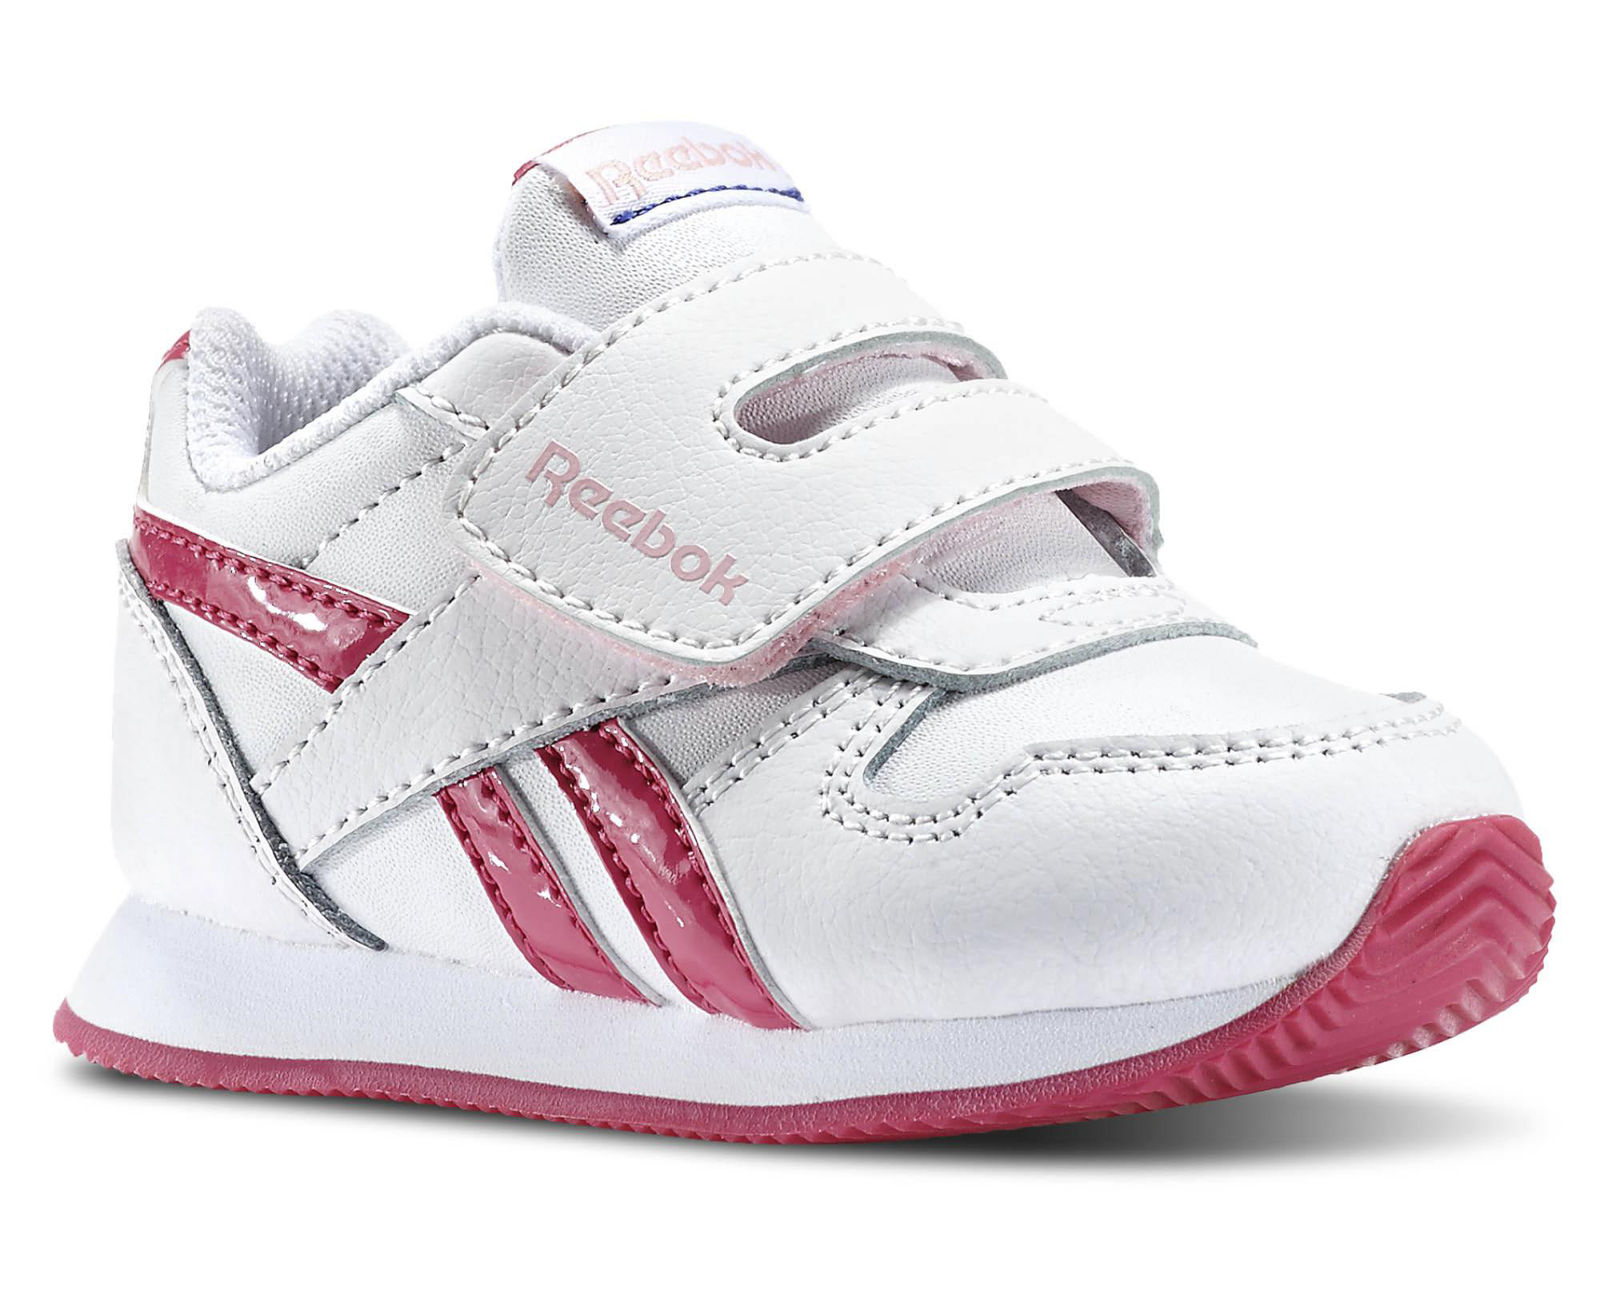 Reebok Dievčenské tenisky Royal Cljogg - ružovo-biele 49ebbf5c8a7